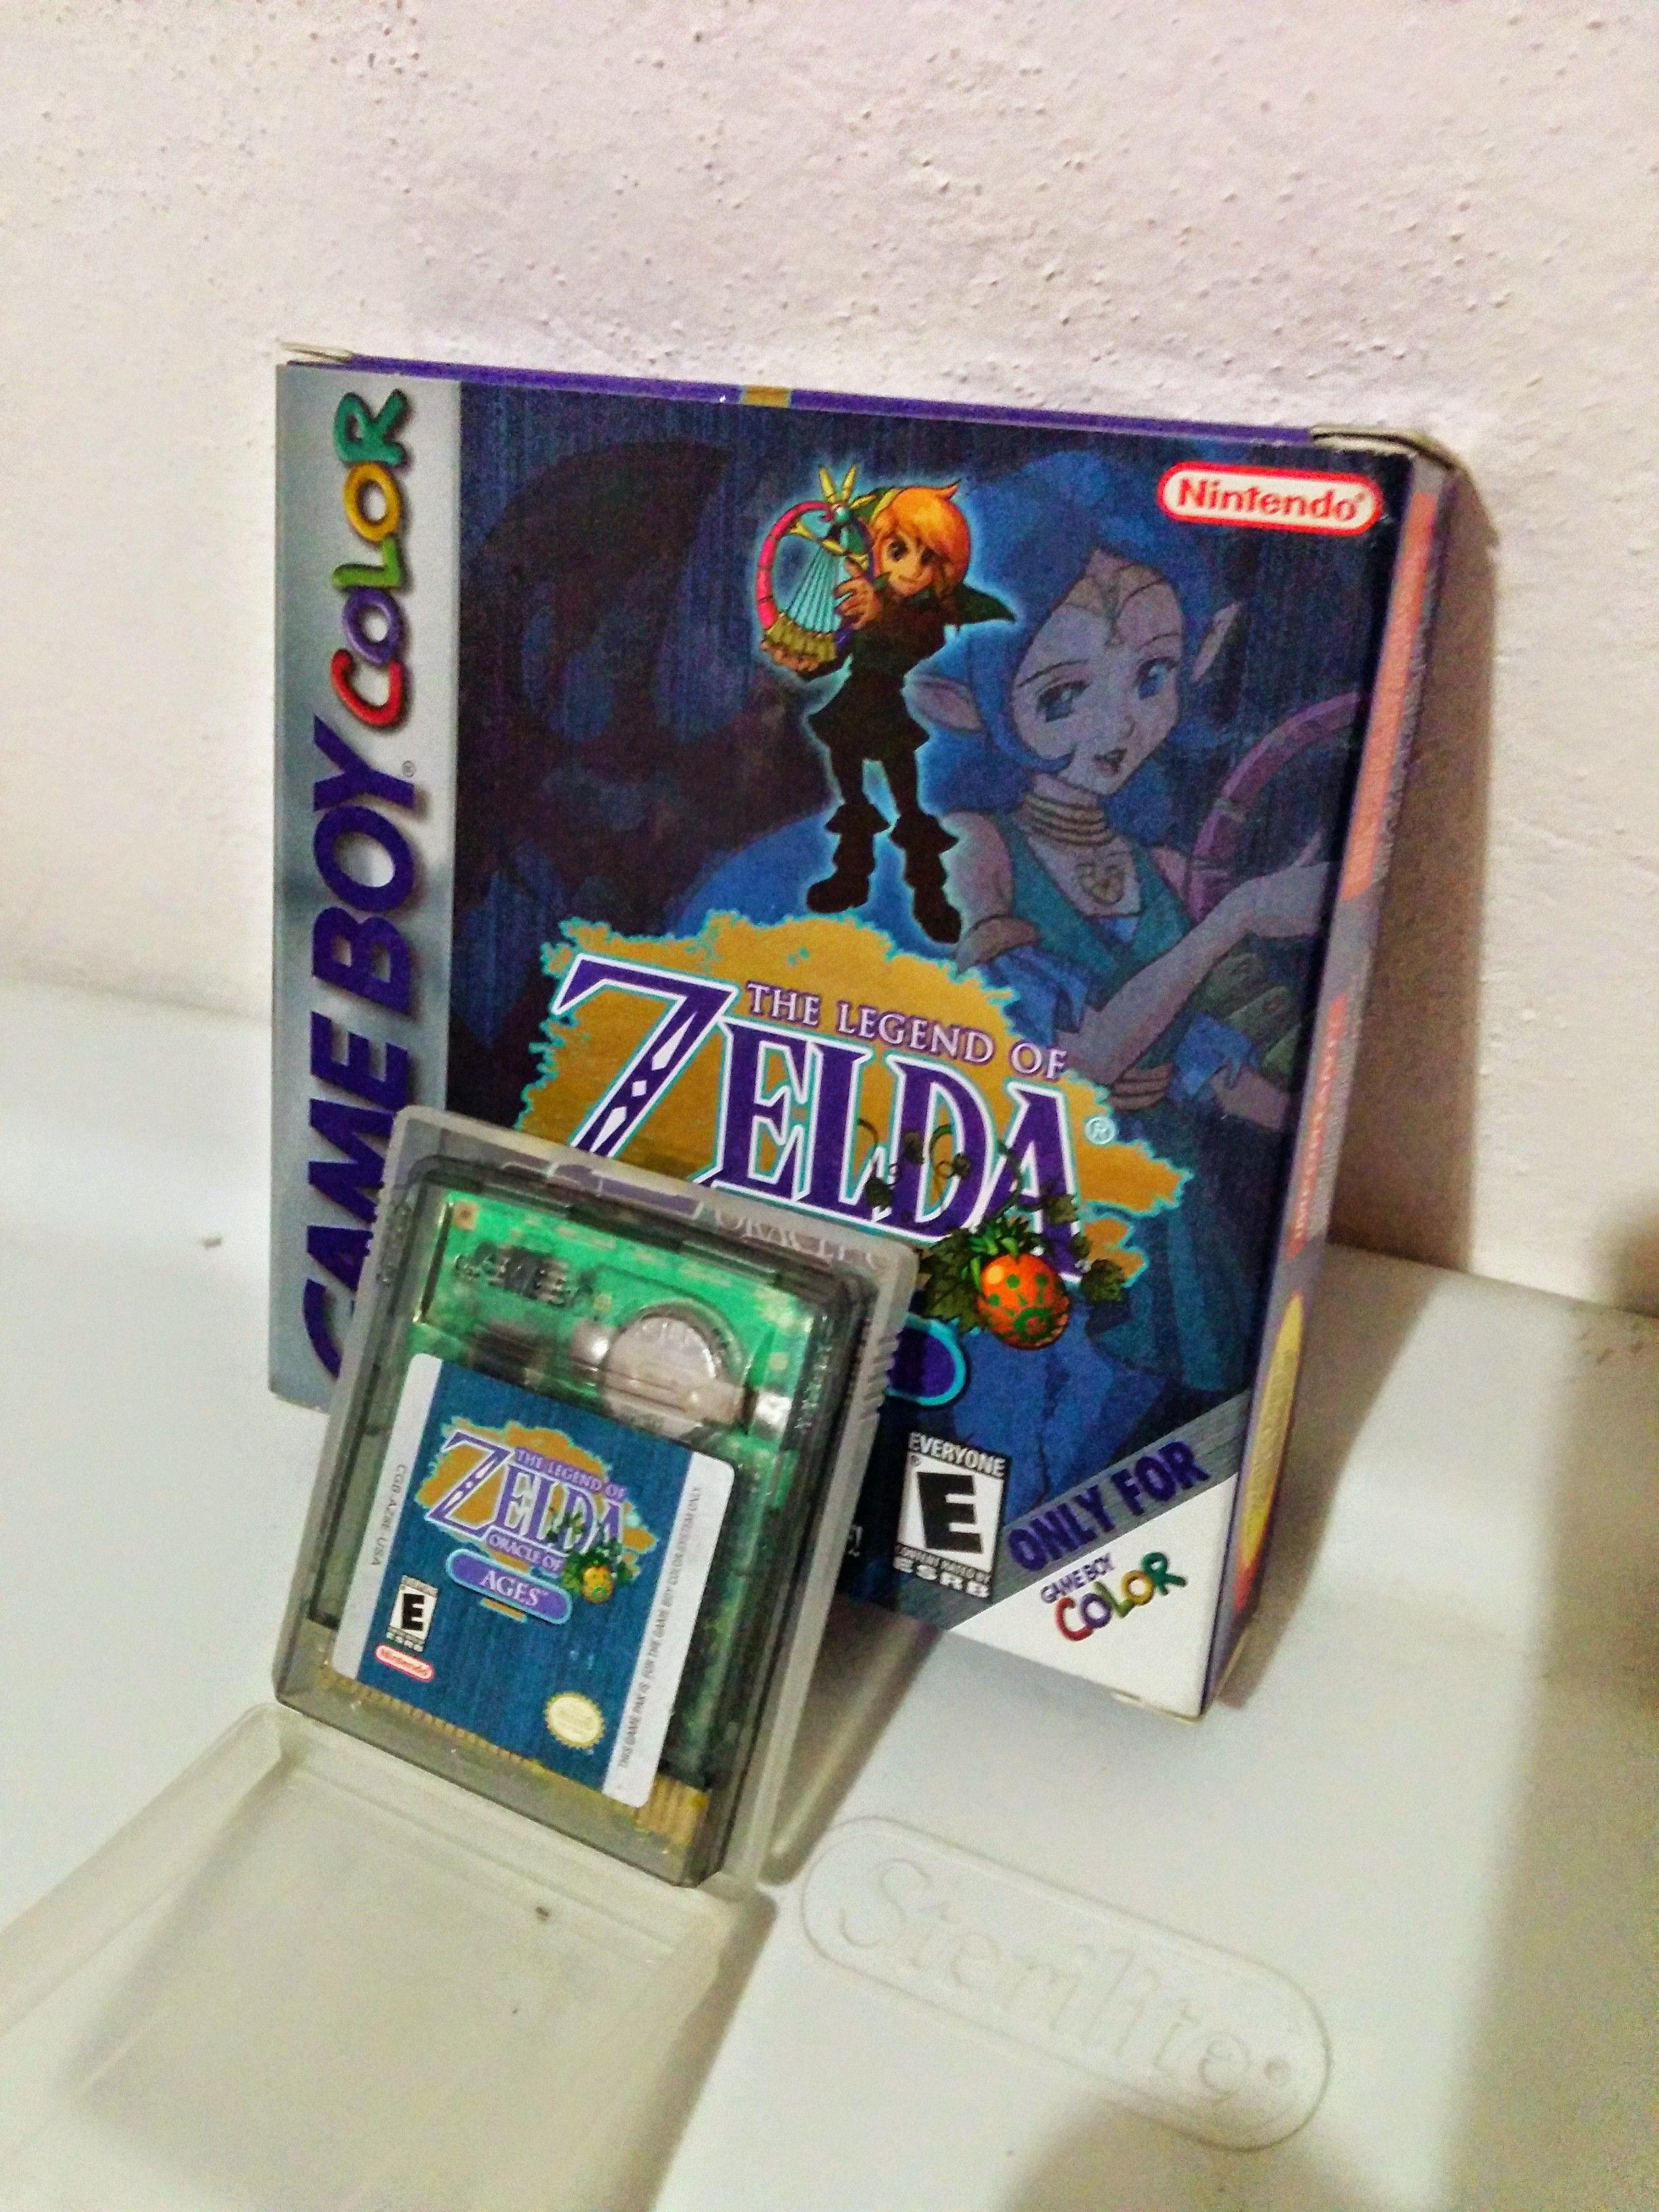 Game boy color legend of zelda - Game Boy Color The Legend Of Zelda Oracle Of Ages